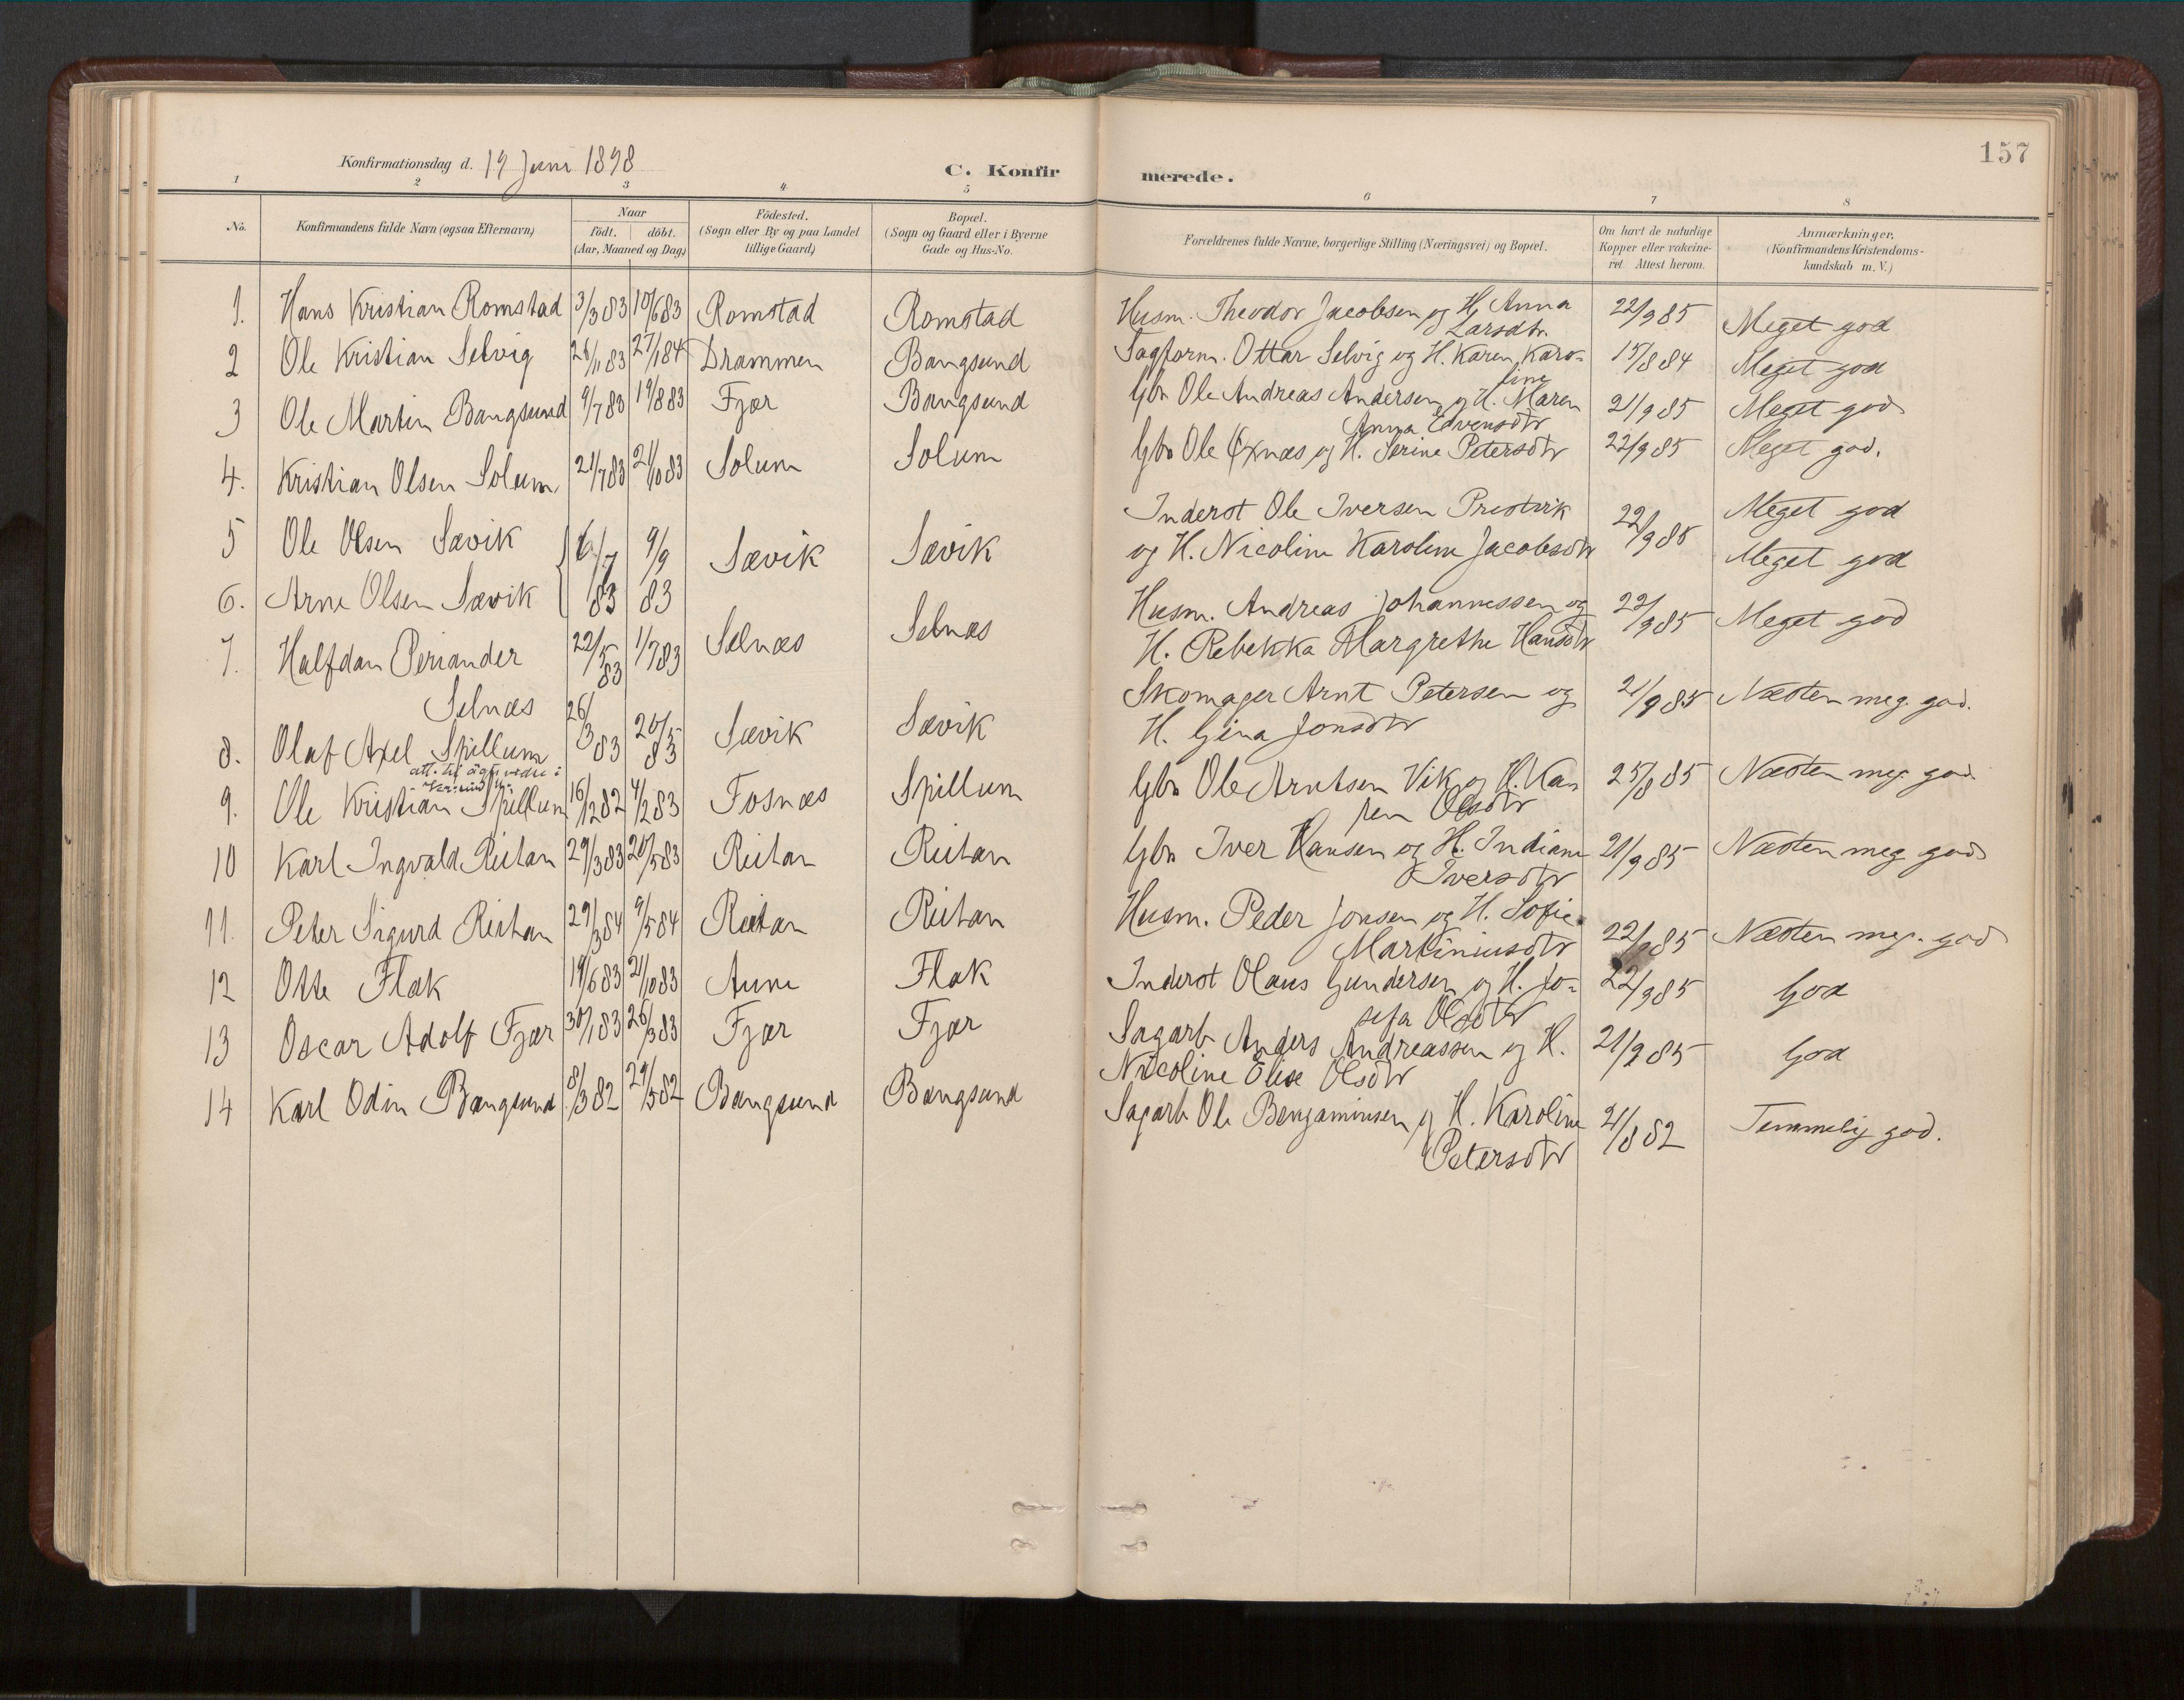 SAT, Ministerialprotokoller, klokkerbøker og fødselsregistre - Nord-Trøndelag, 770/L0589: Ministerialbok nr. 770A03, 1887-1929, s. 157